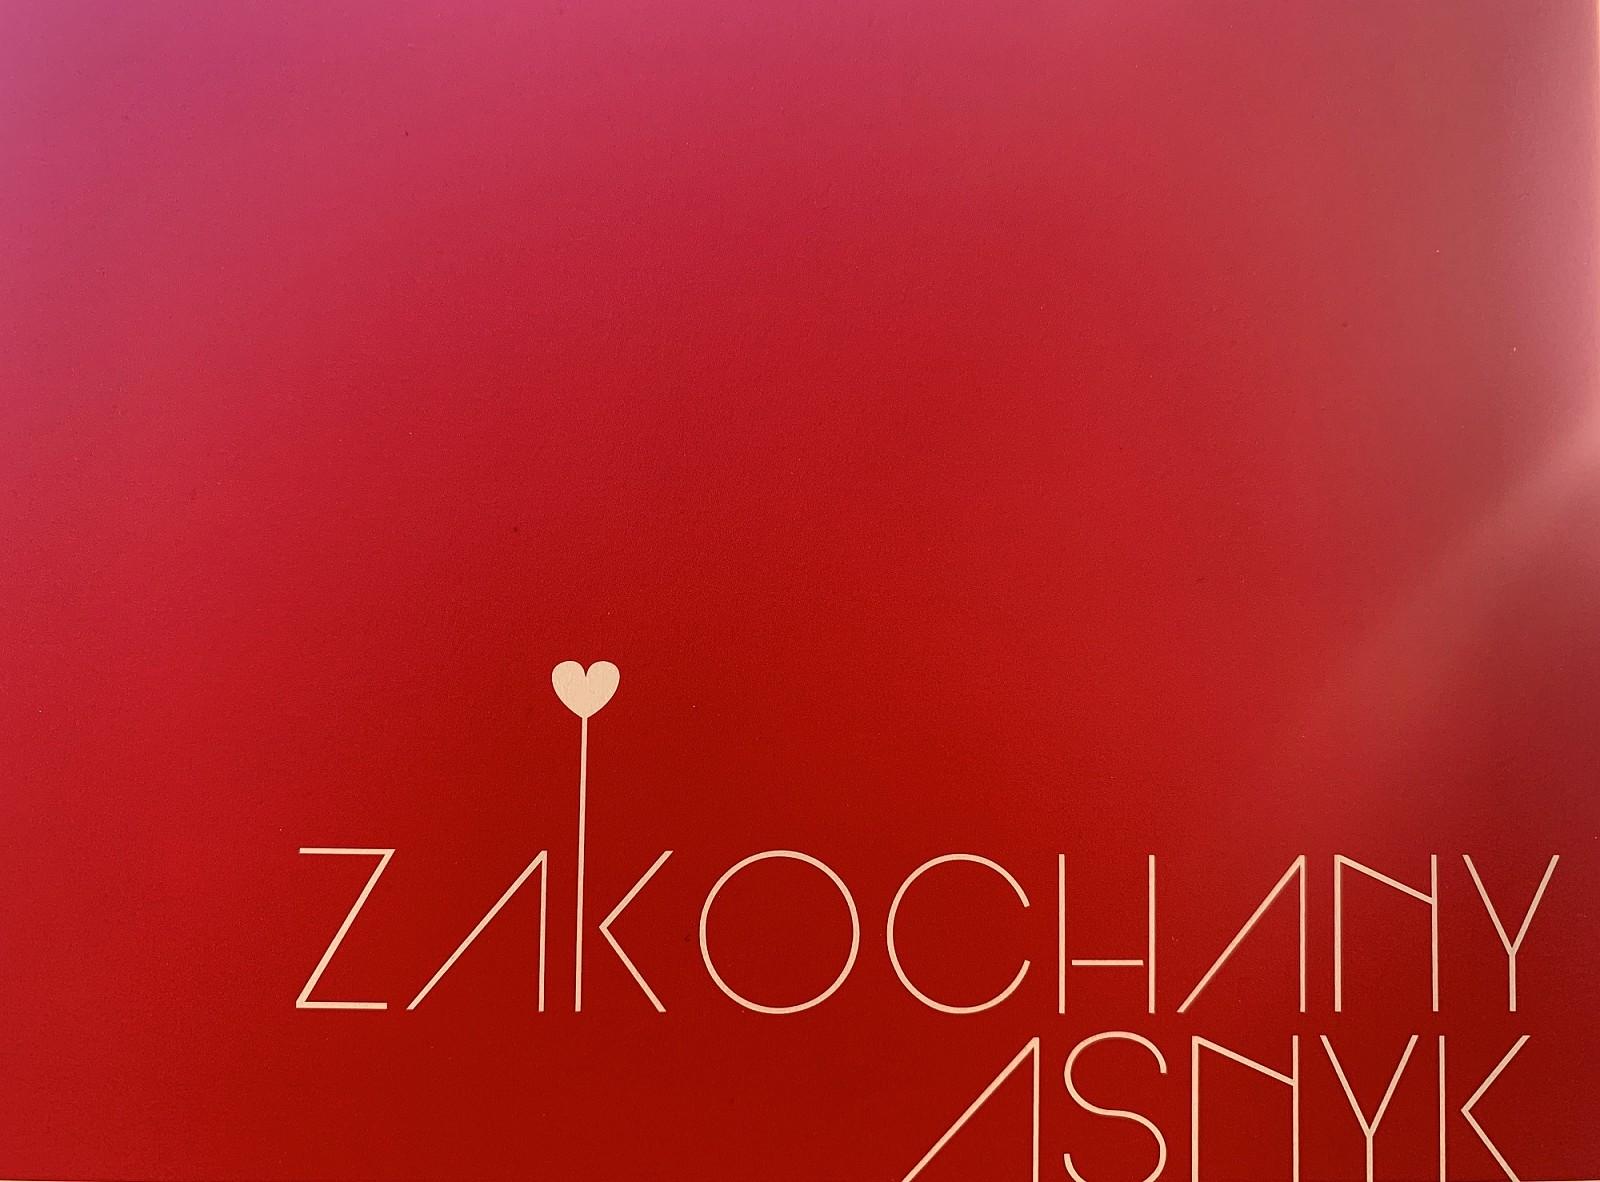 Płyta Zakochany Asnyk Piękny Prezent Pod Choinkę Dla